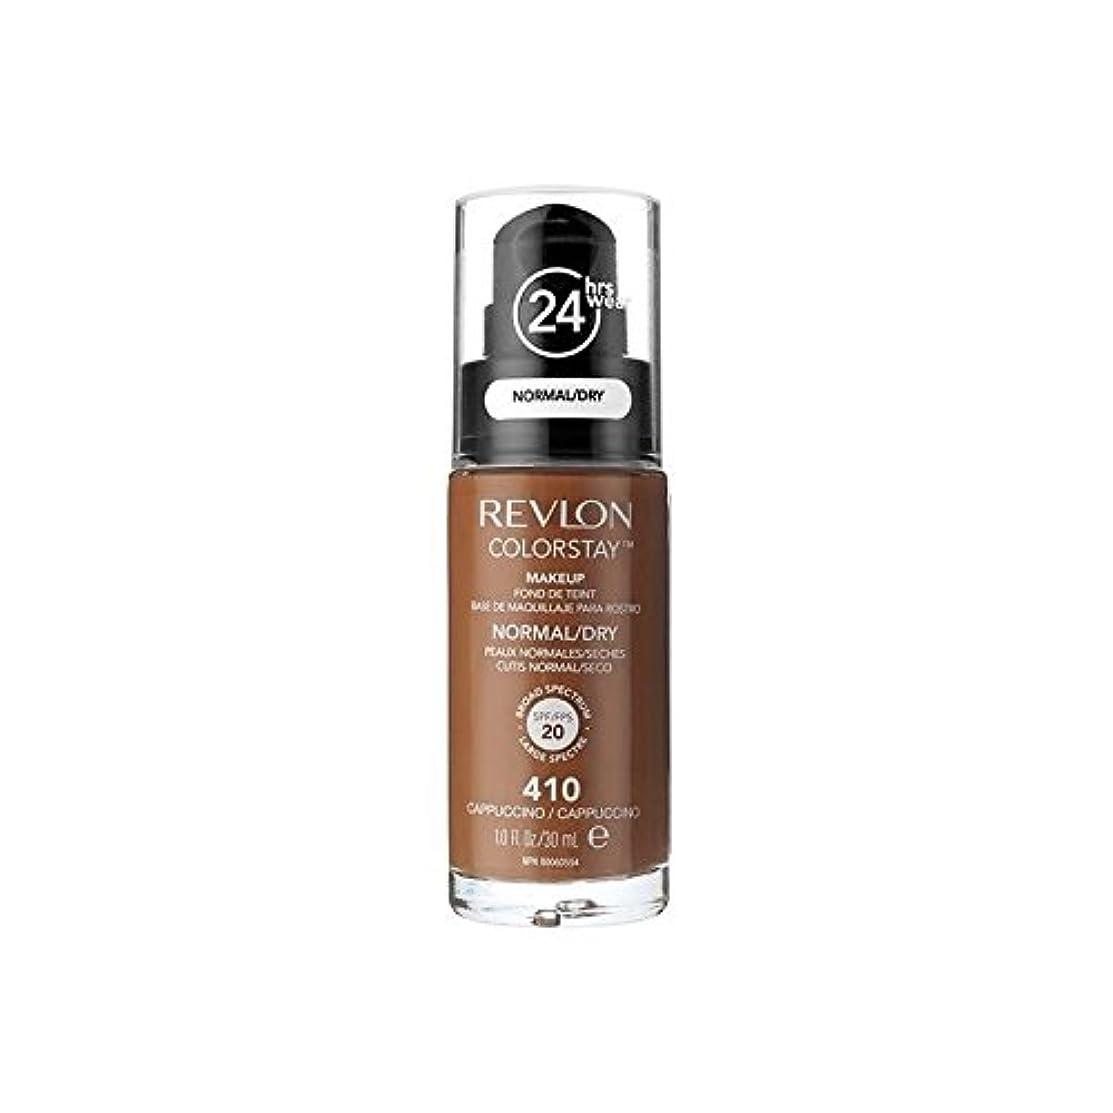 ずらすキャリア唯物論レブロンの基礎通常の乾燥肌のカプチーノ x4 - Revlon Colorstay Foundation Normal Dry Skin Cappuccino (Pack of 4) [並行輸入品]